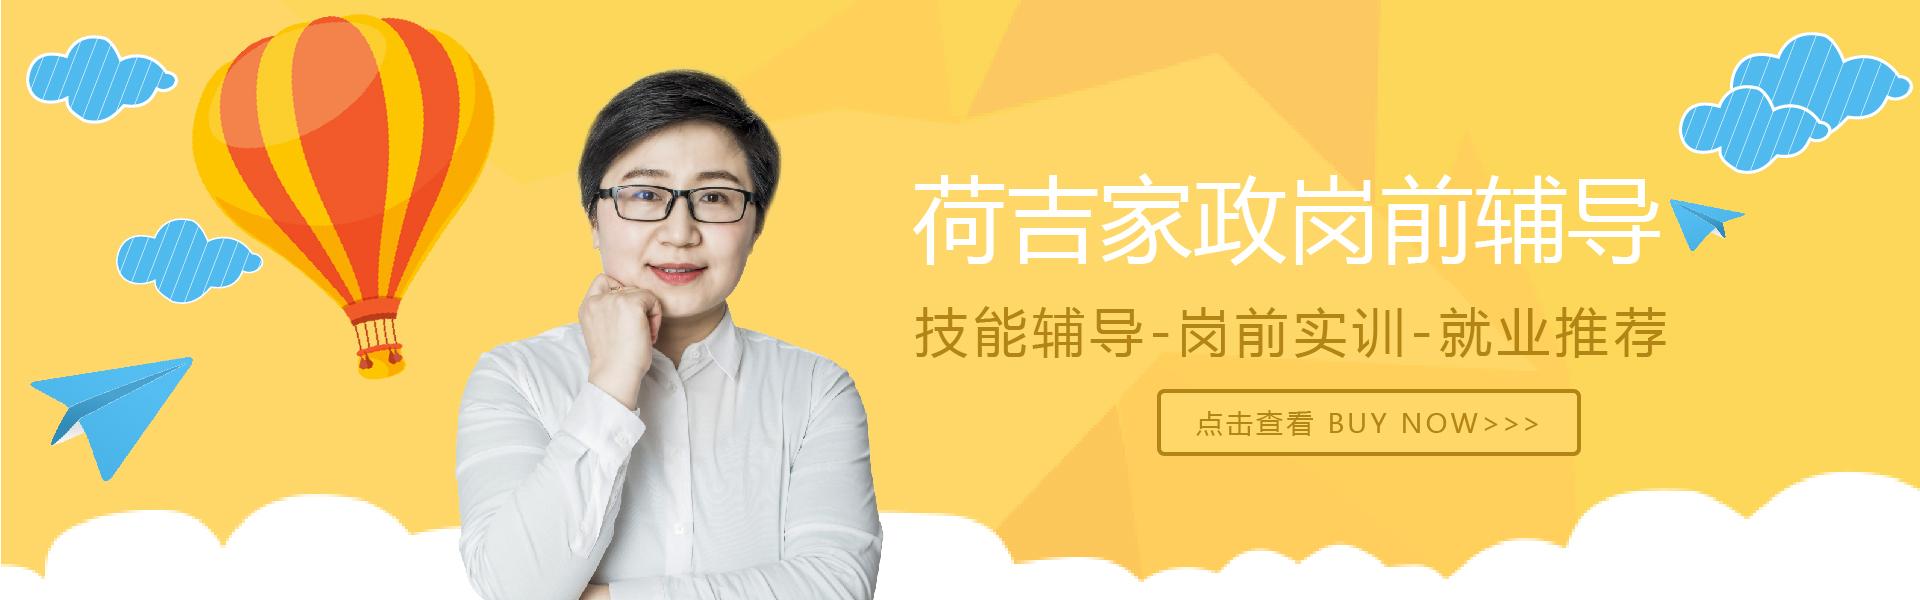 上海家政服务,上海月嫂培训,上海月嫂